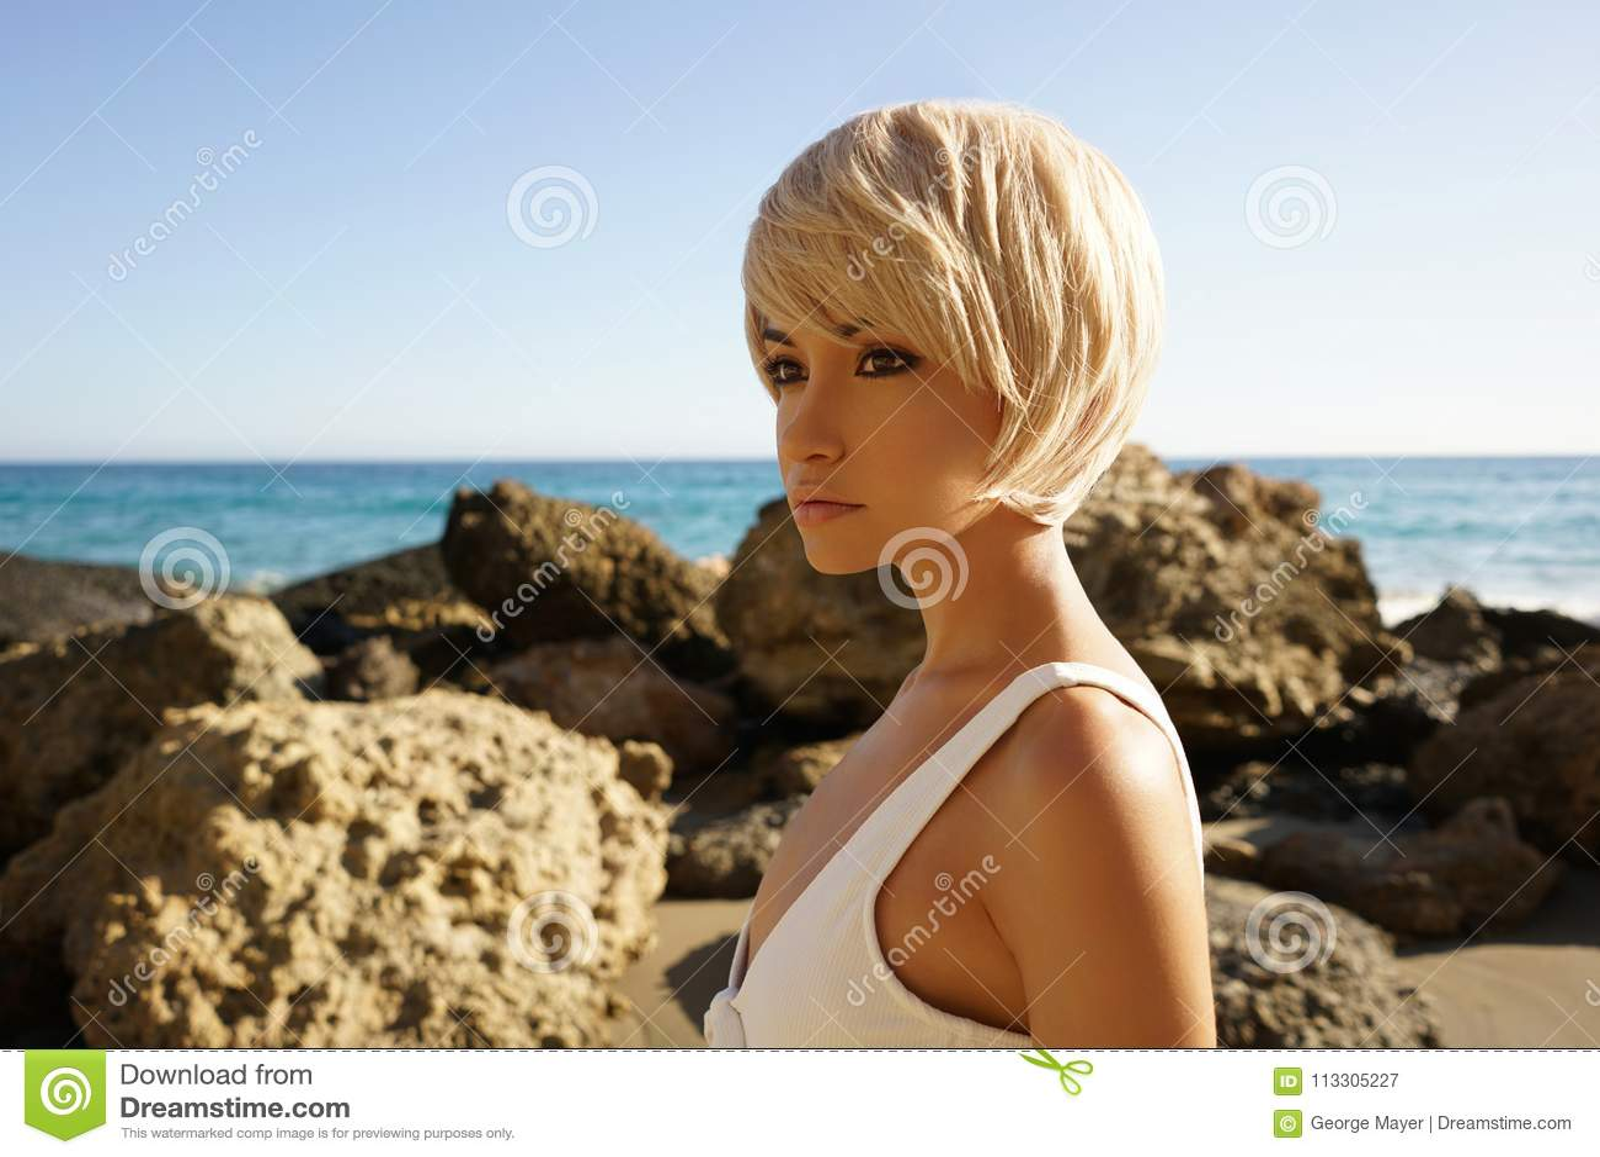 Würdevolle Frau in der weißen Badebekleidung auf dem Strand